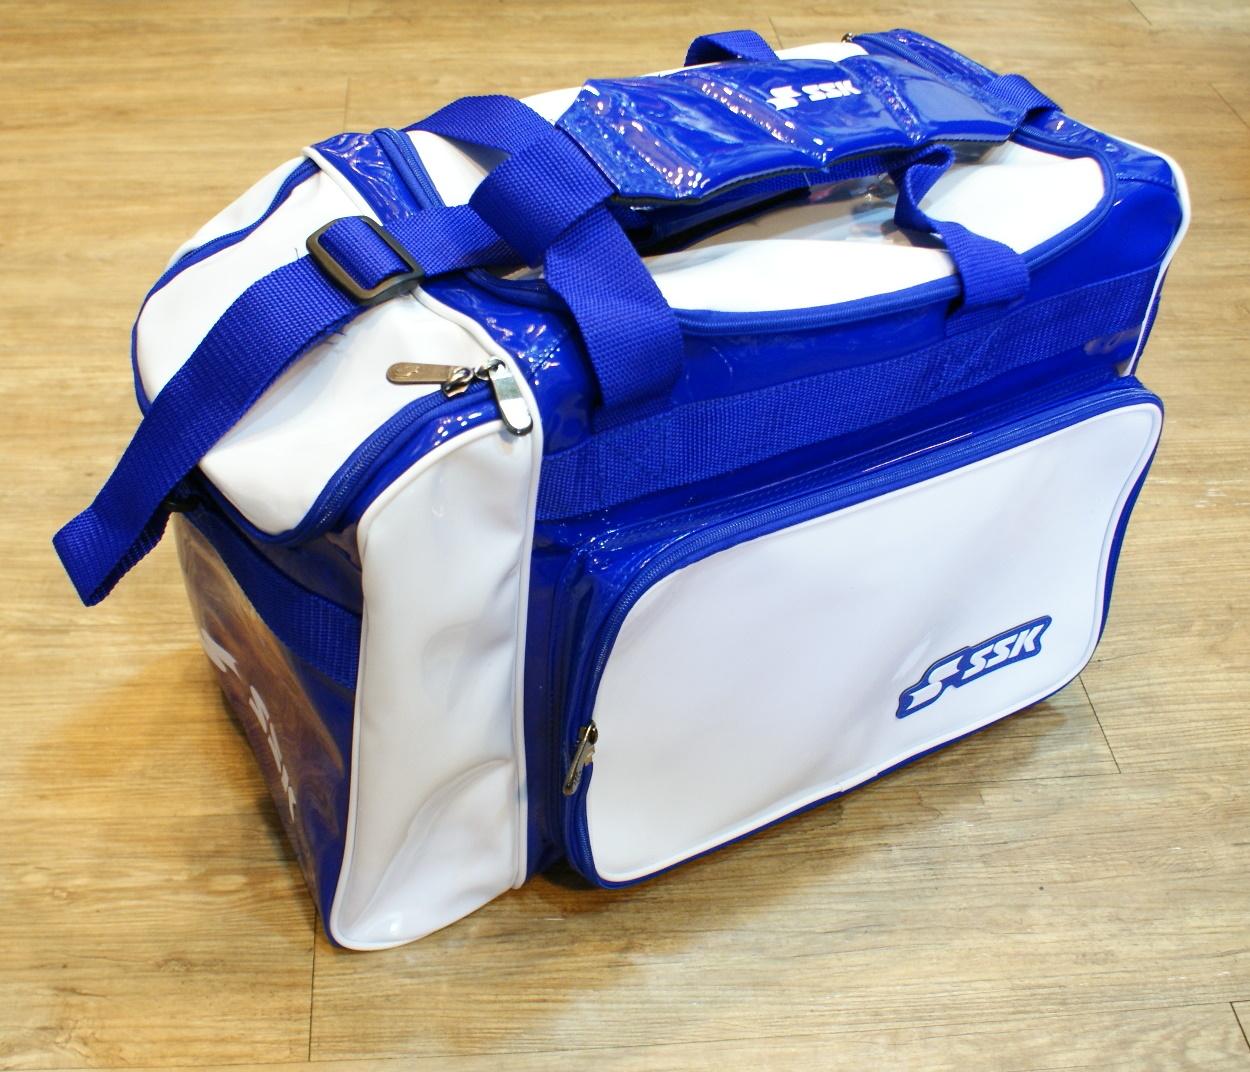 棒球世界 SSK13年新款個人裝備袋 特價 白藍樣式配色